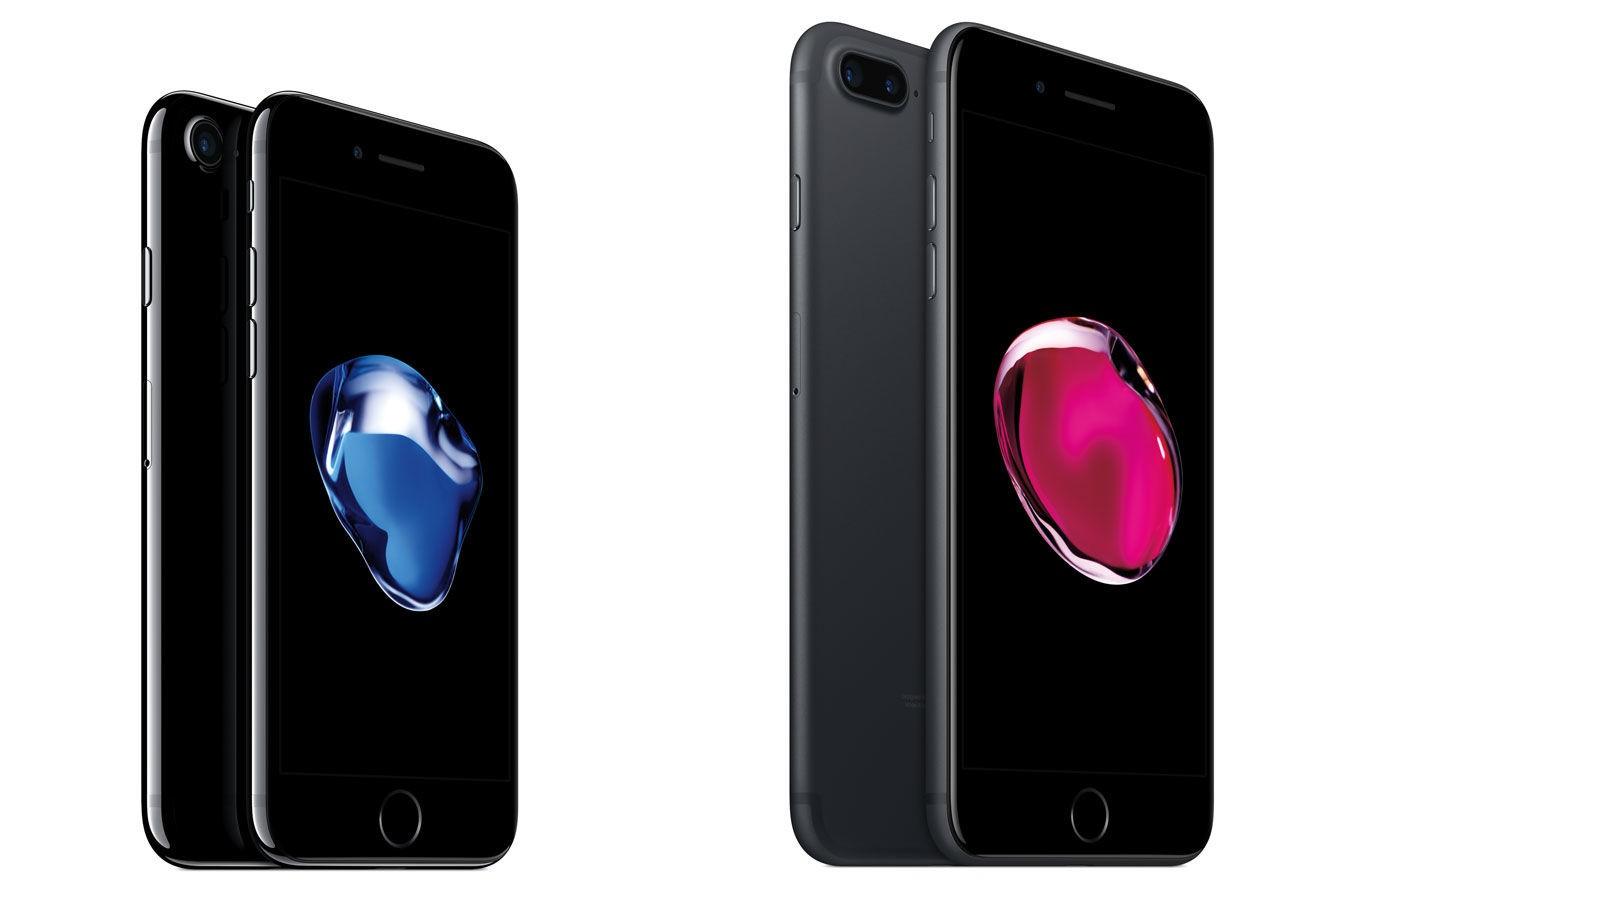 unnamed file 611 - iPhone 7 đã có bảng giá chính hãng, dự kiến bán từ 15/10